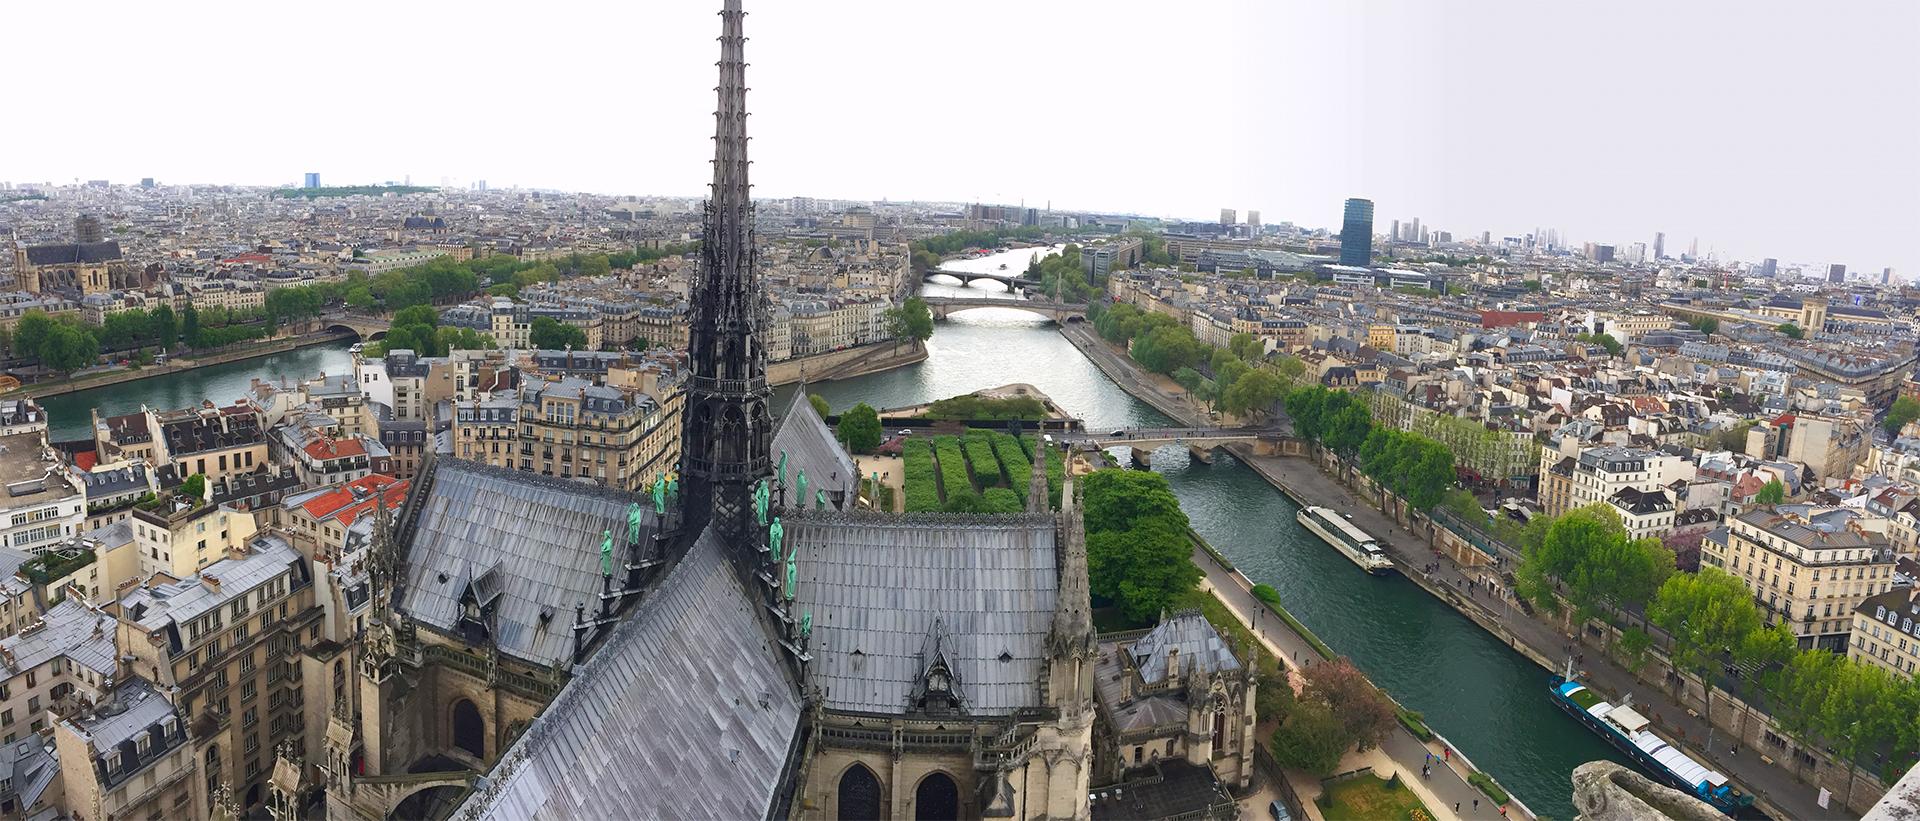 Viajar a Paris con Perro - Travel to Paris with dog viajar a paris con perro - 34215582910 d38e58e95e o - Viajar a Paris con perro